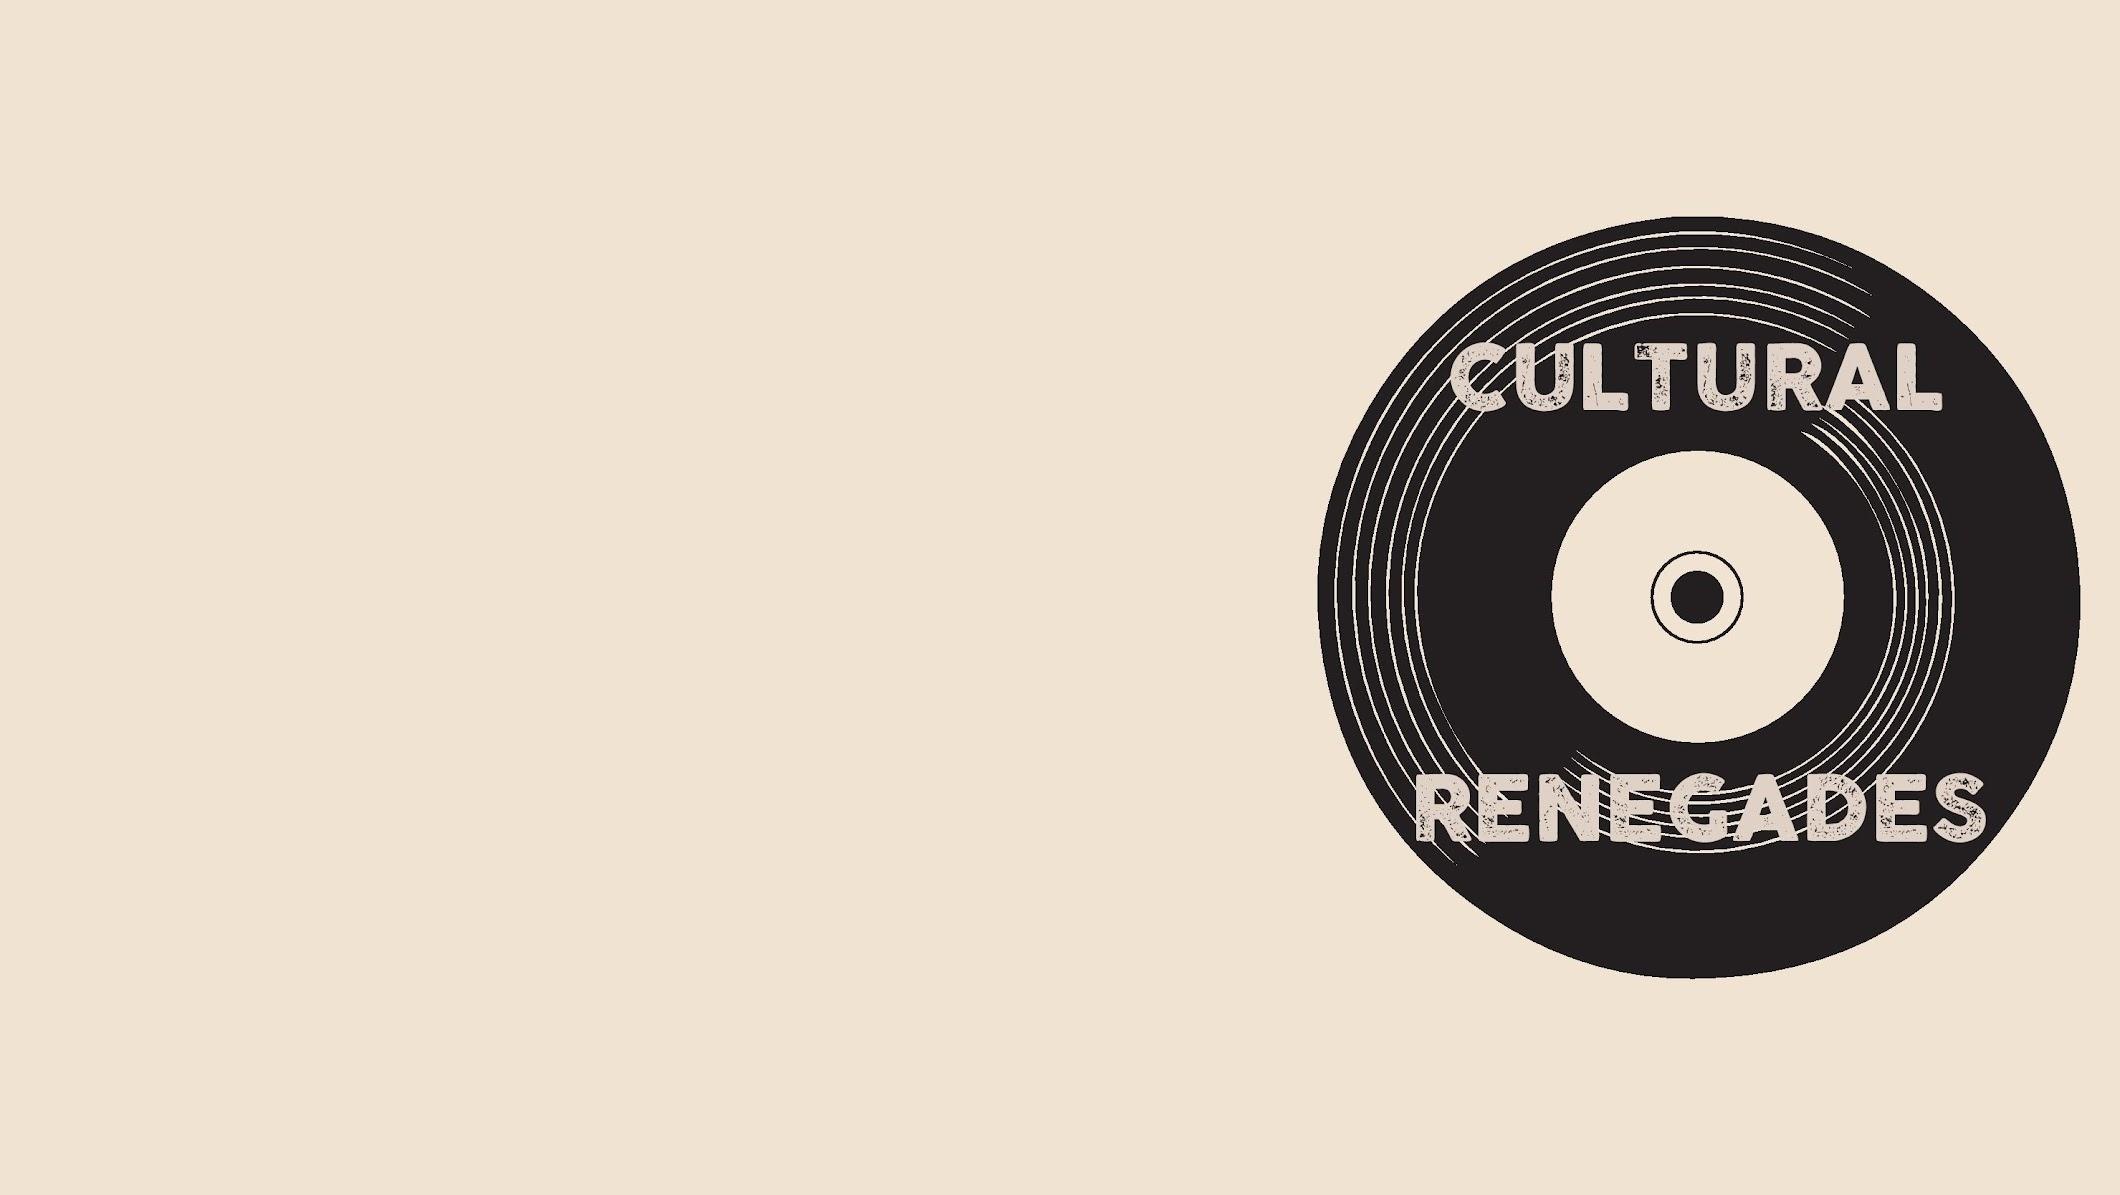 Cultural Renegades